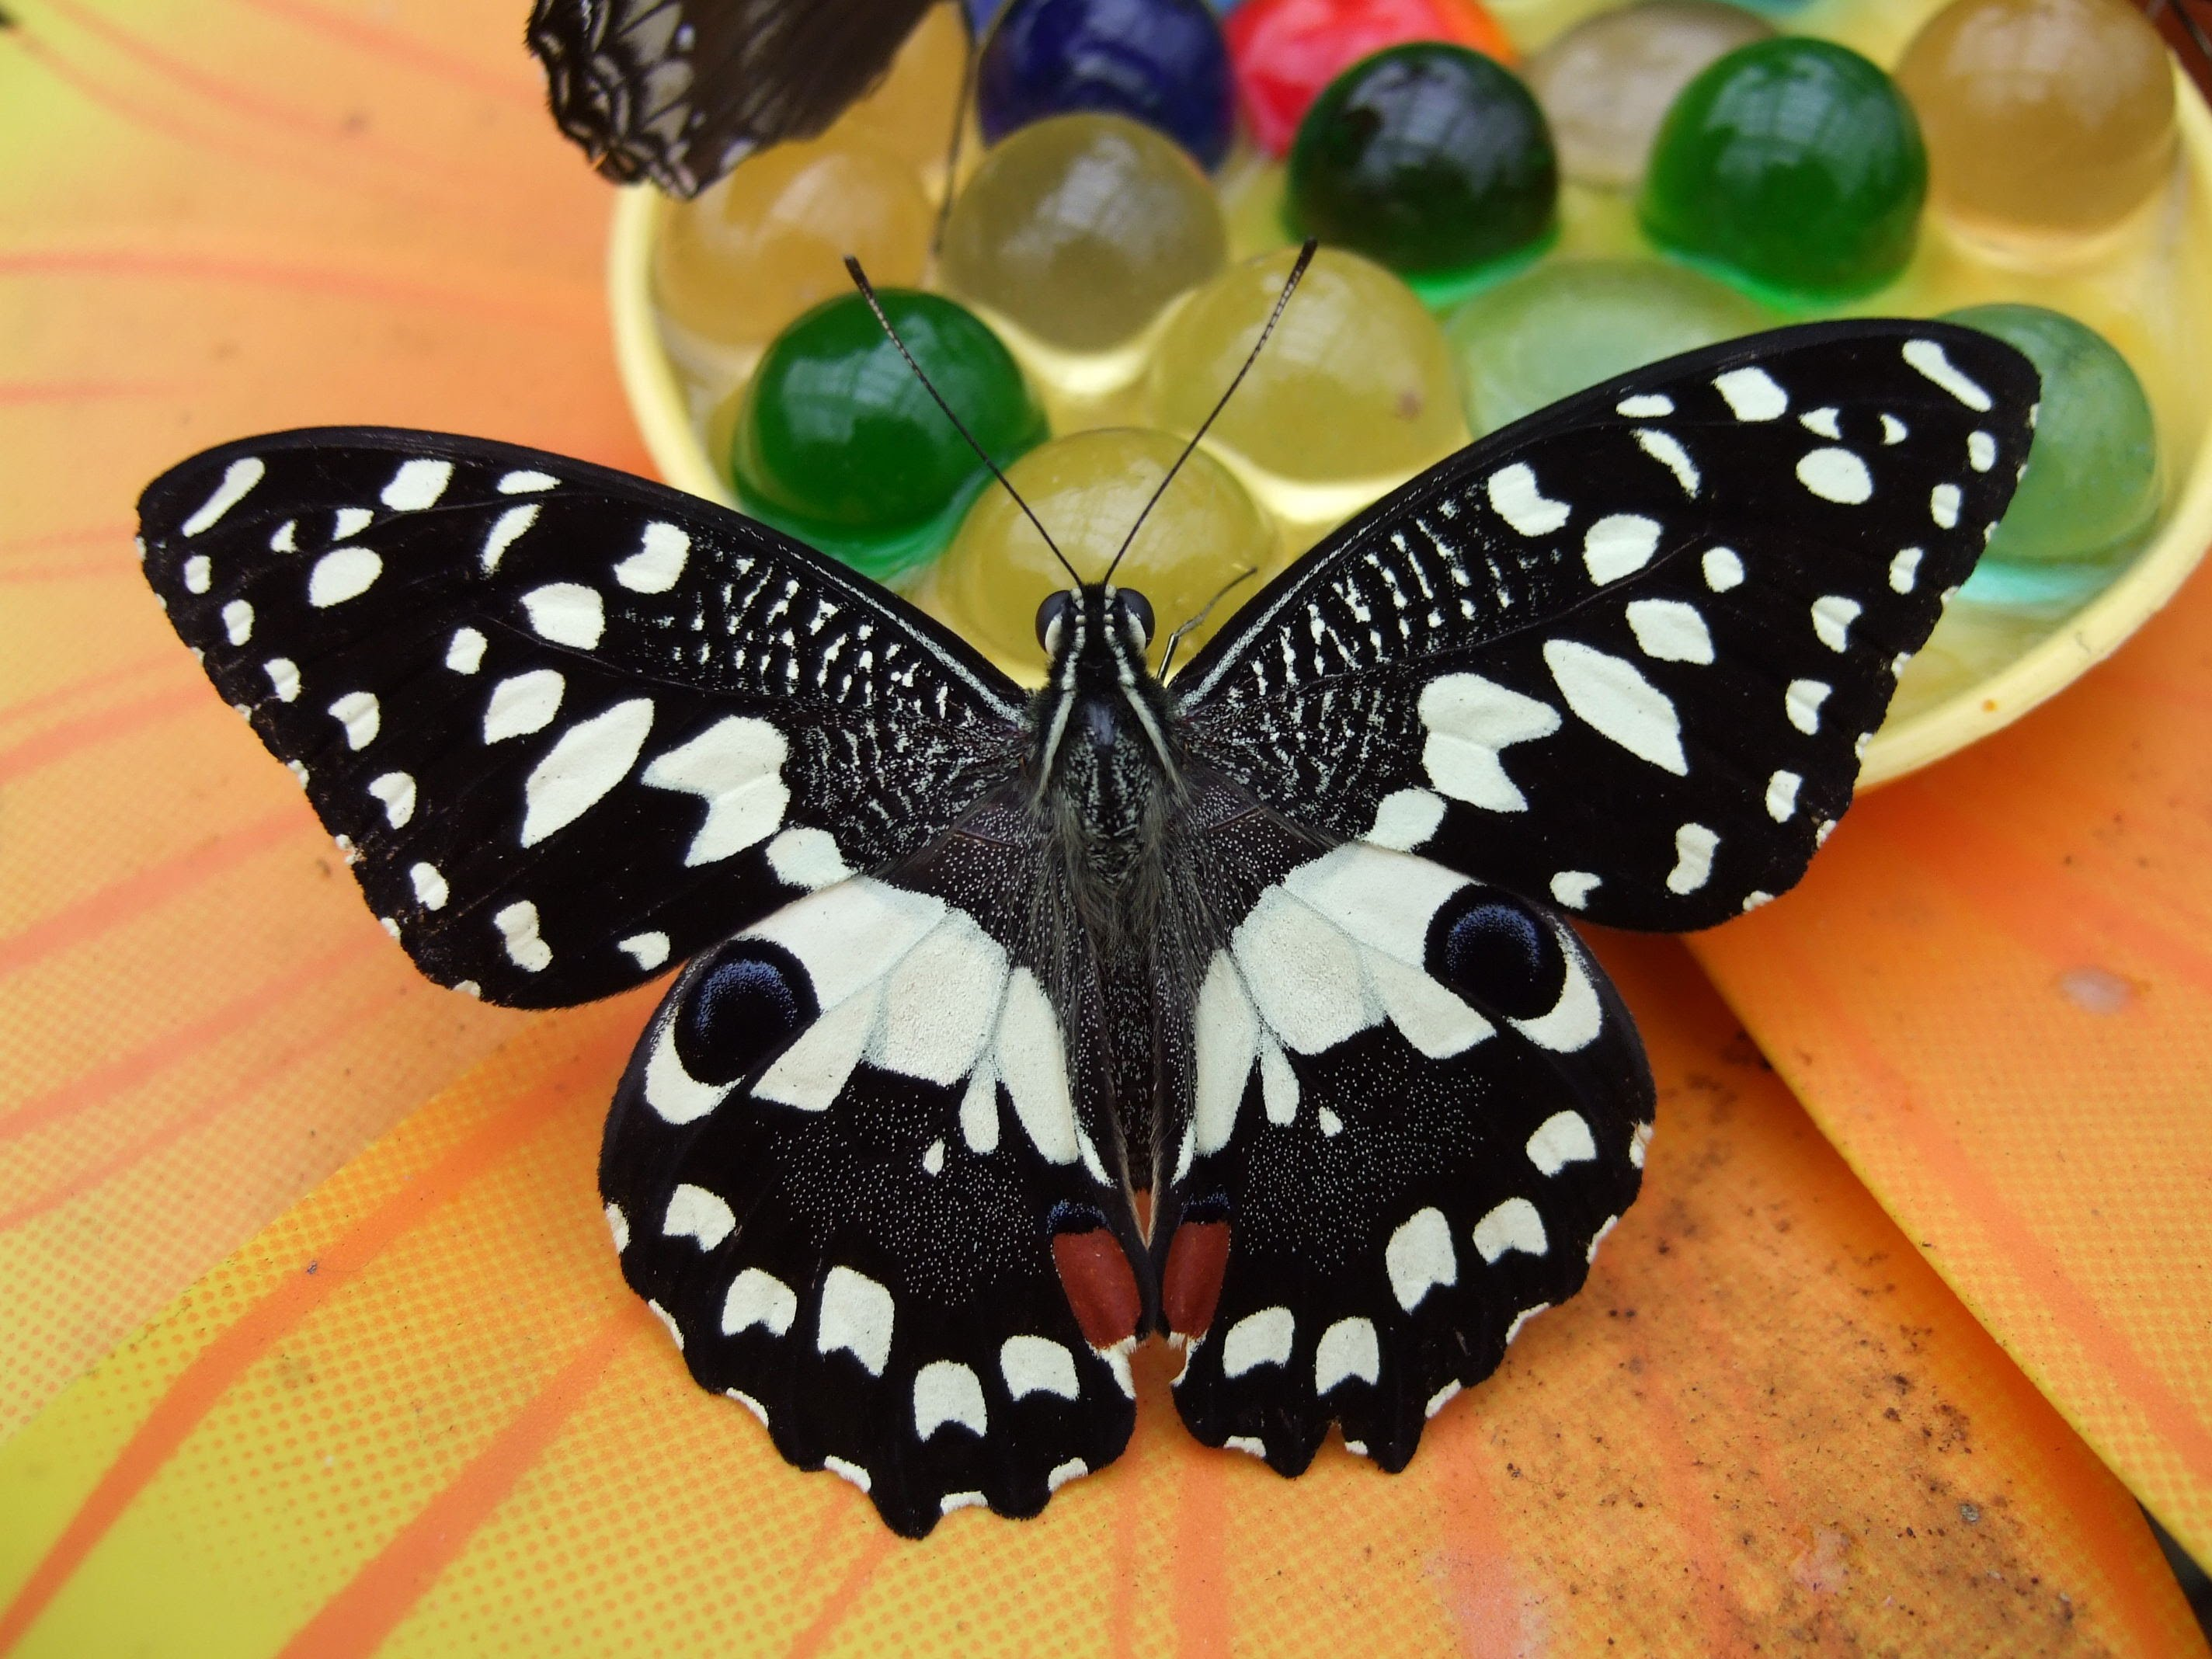 Con i bambini alla casa delle farfalle co alberghi - Immagini di farfalle a colori ...